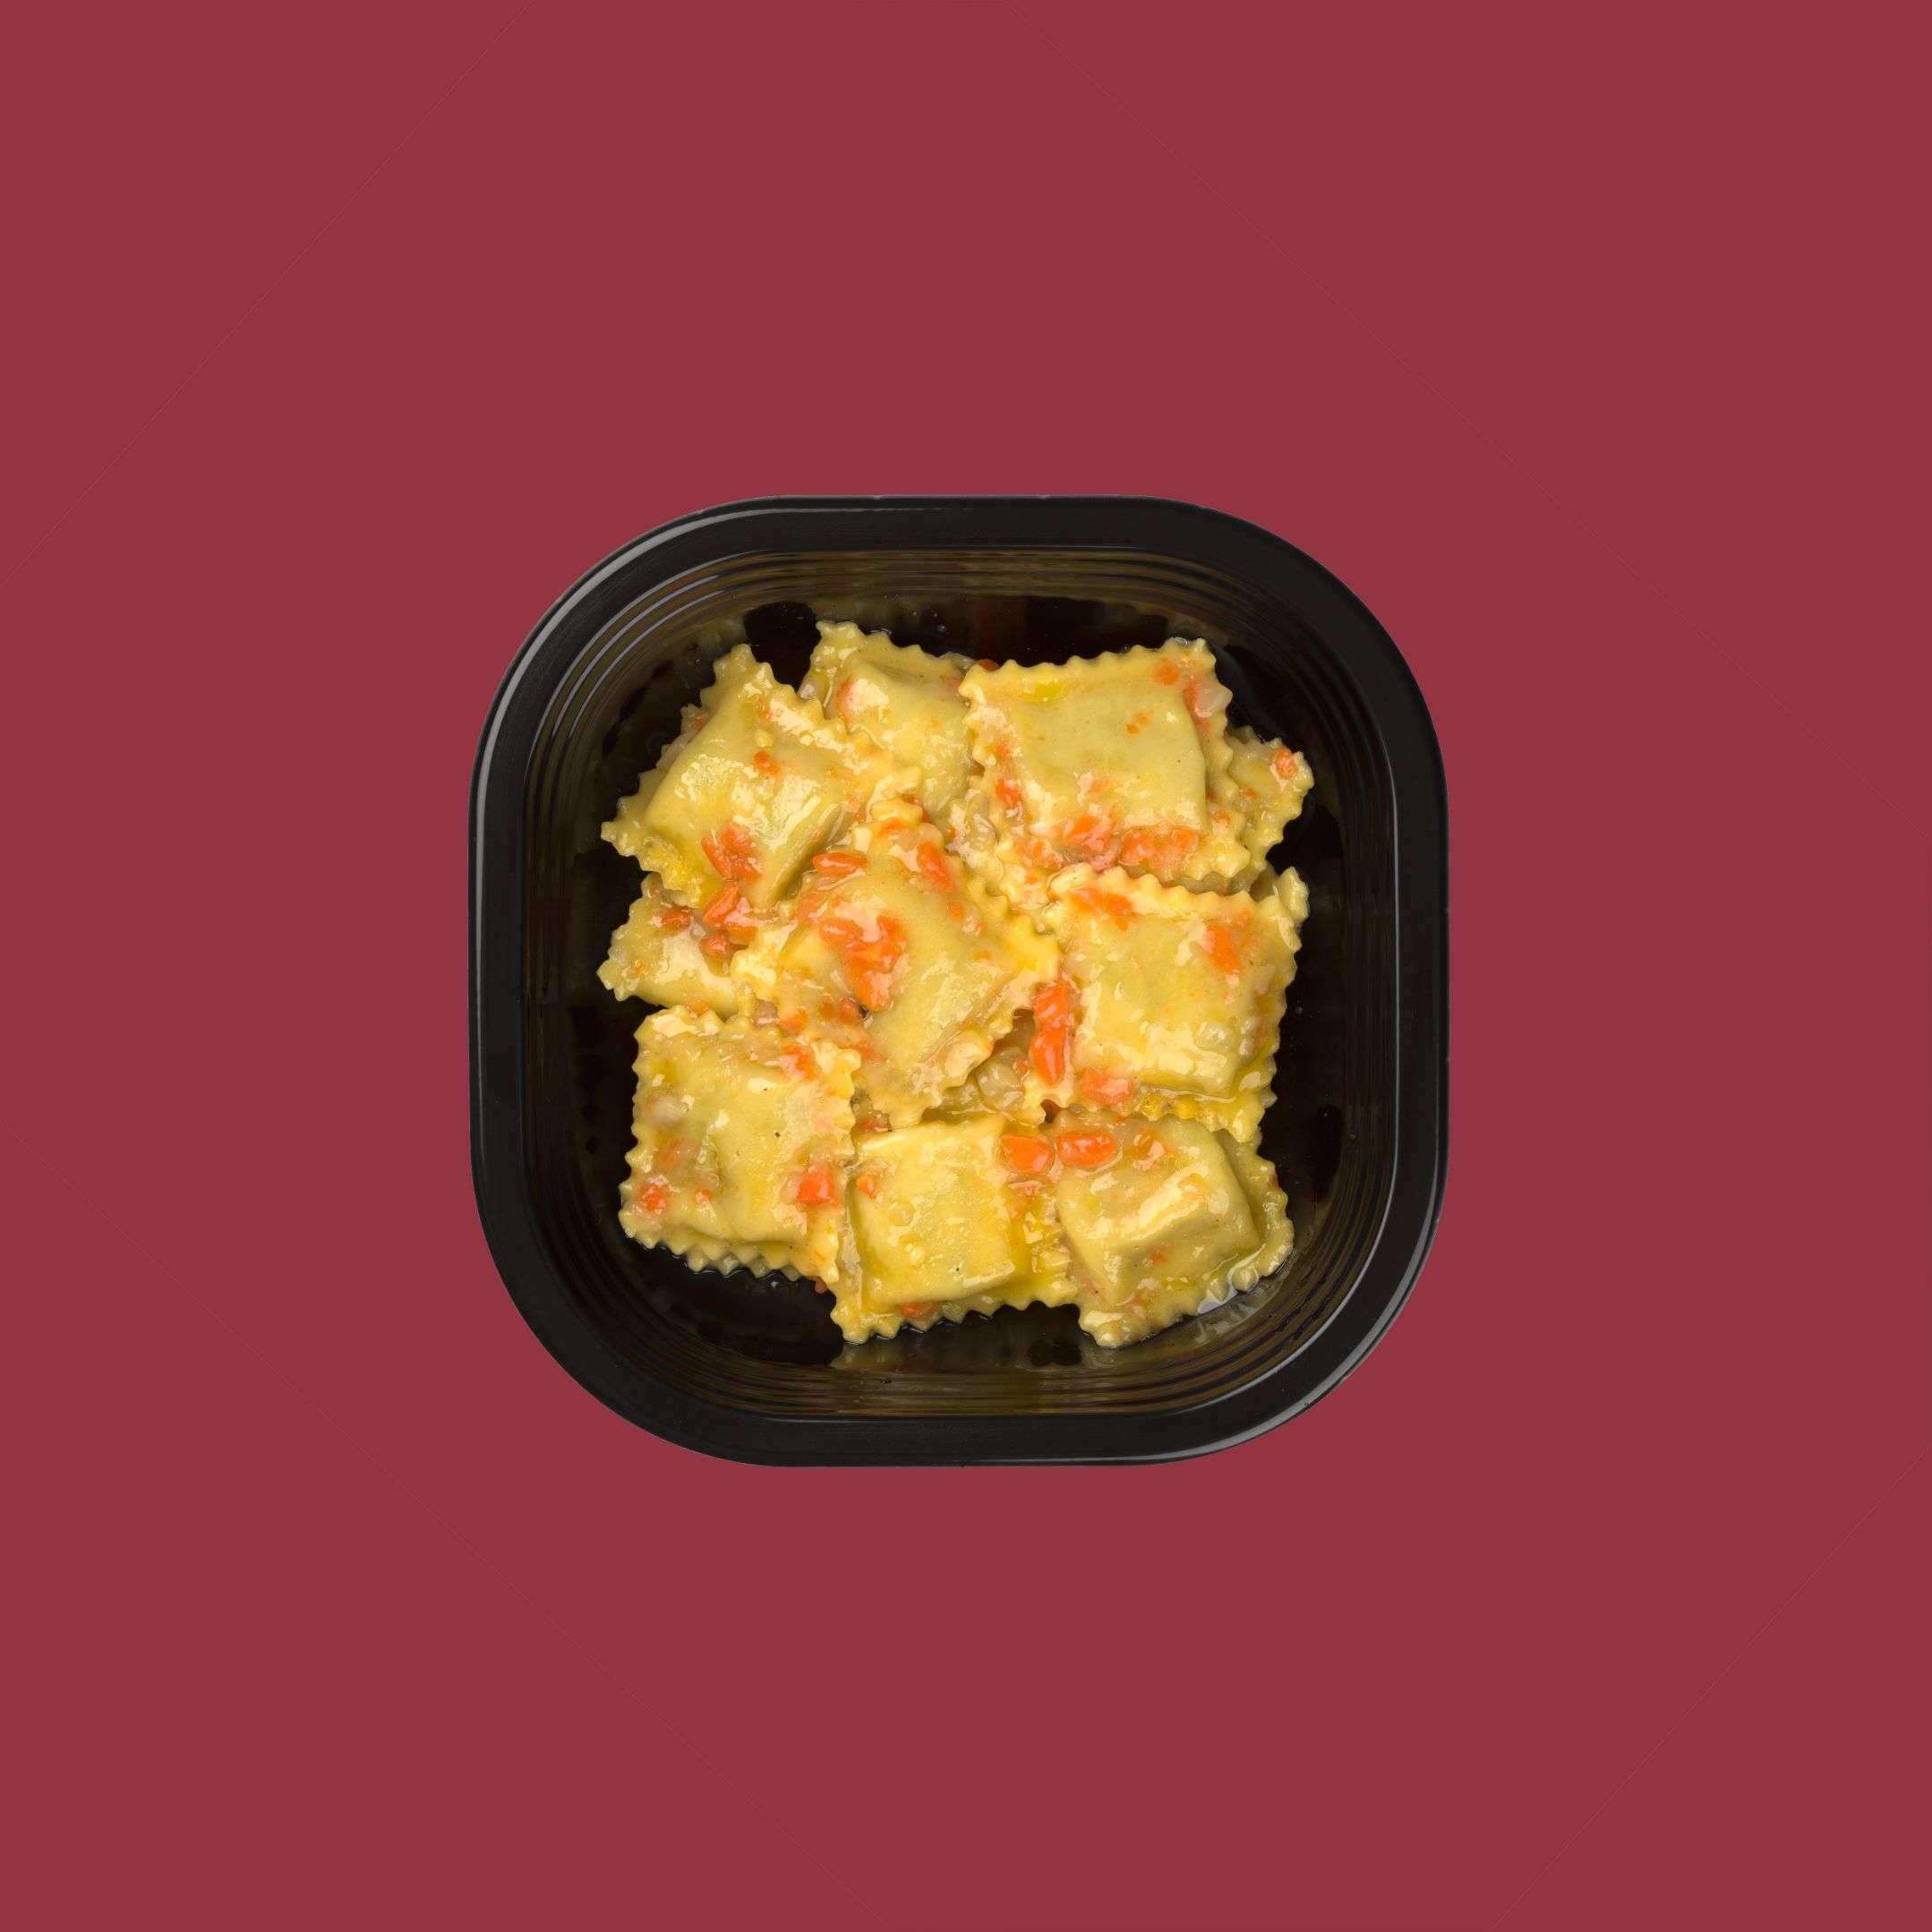 Carciofi alla maggiorana_8105 piatti pronti a domicilio senza glutine